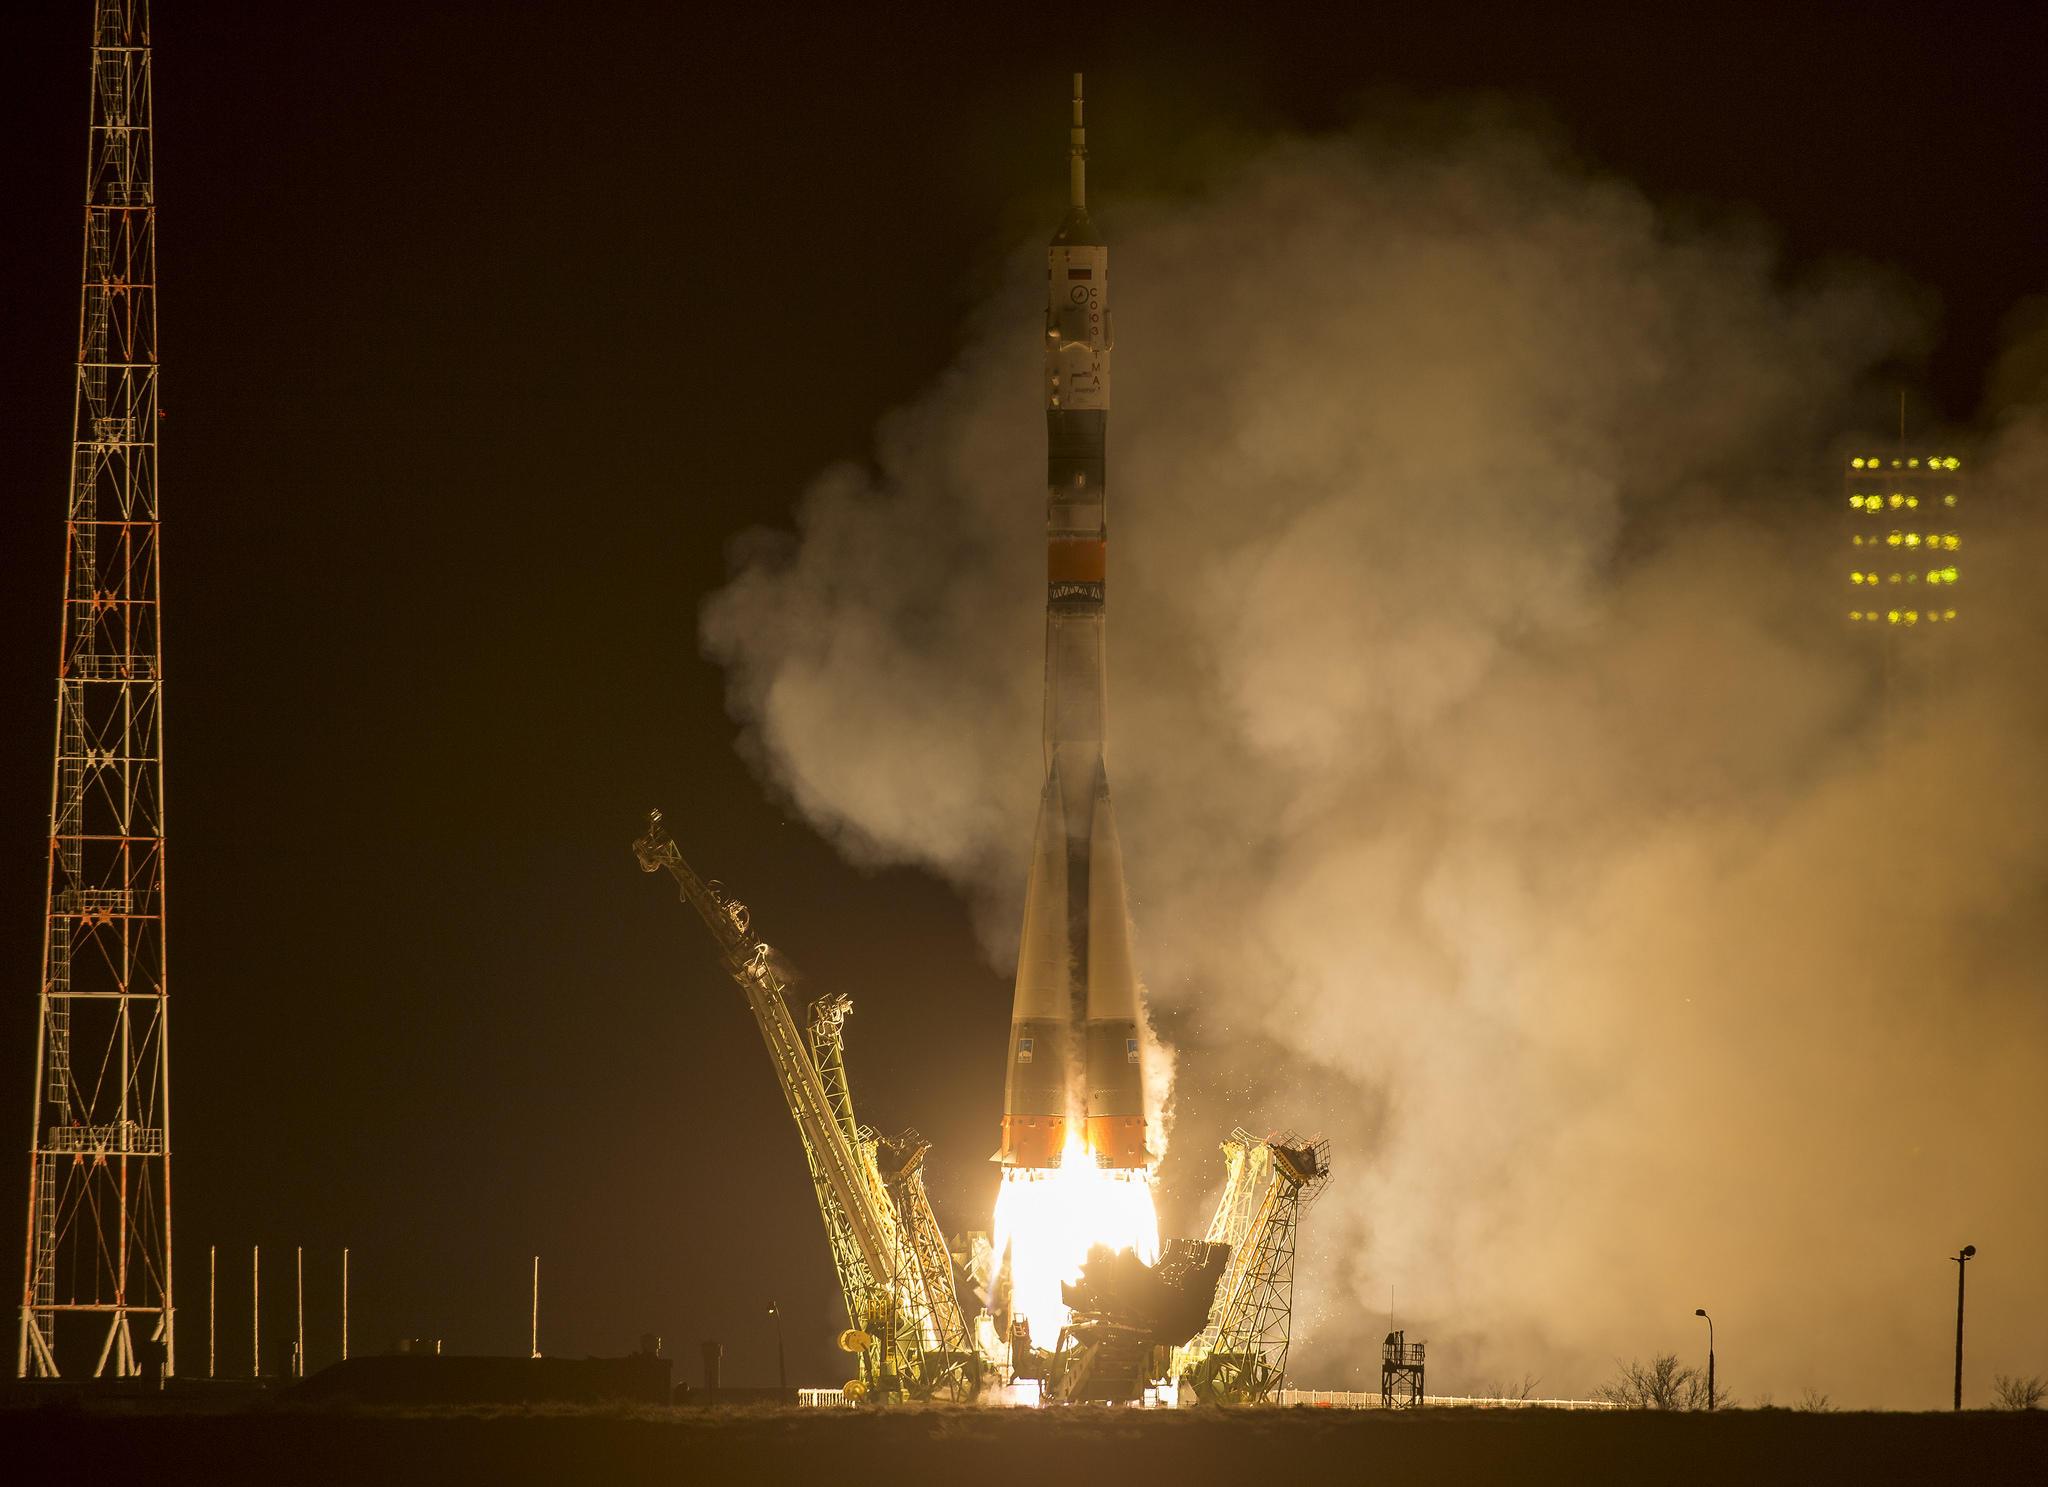 EXP43 liftoff